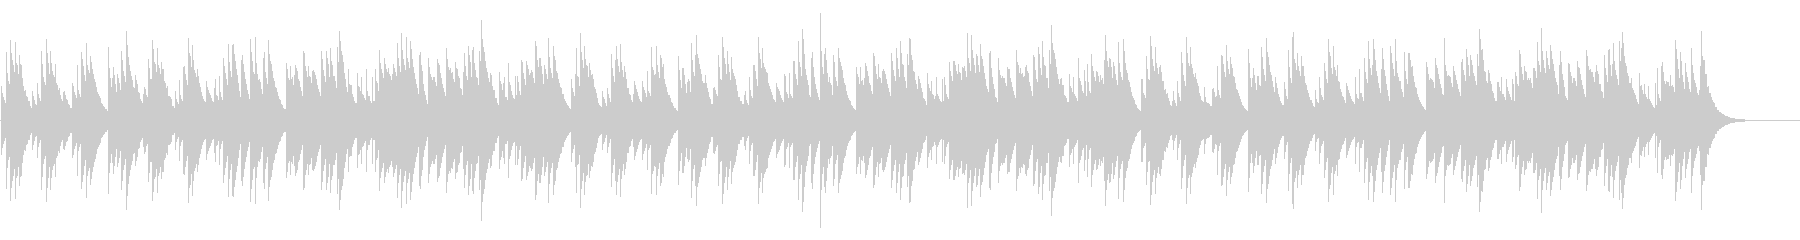 ジングルベル カード式オルゴールの未再生の波形